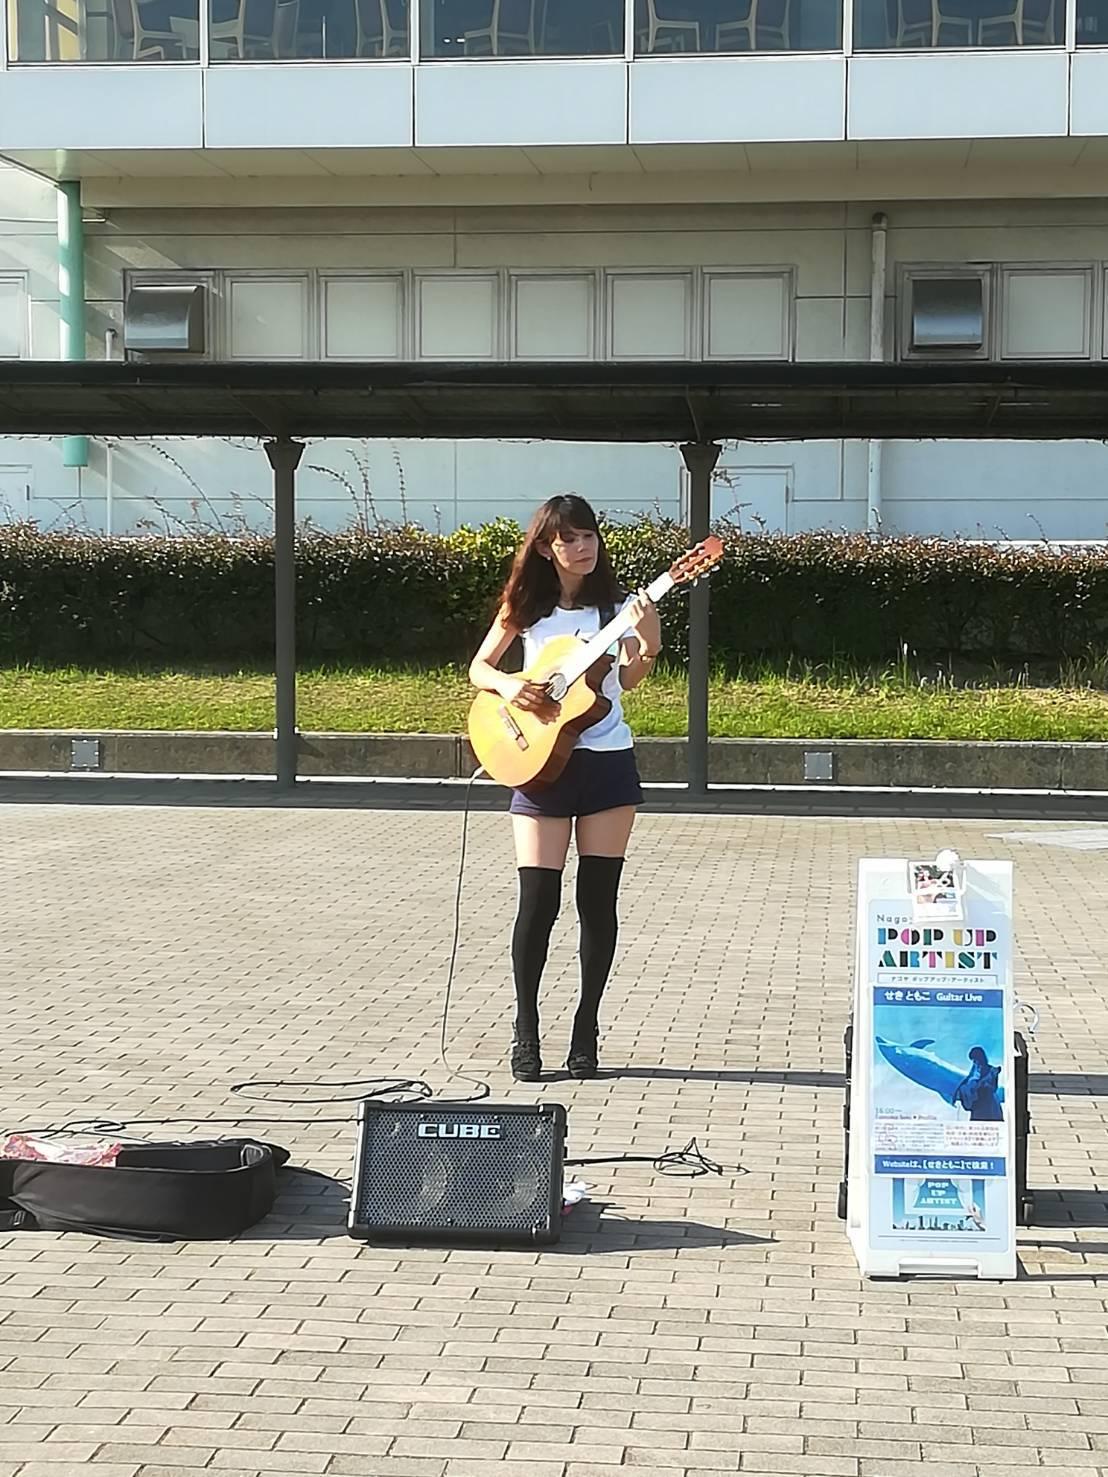 ジェティ広場での演奏、ありがとうございました!_f0373339_22202792.jpg